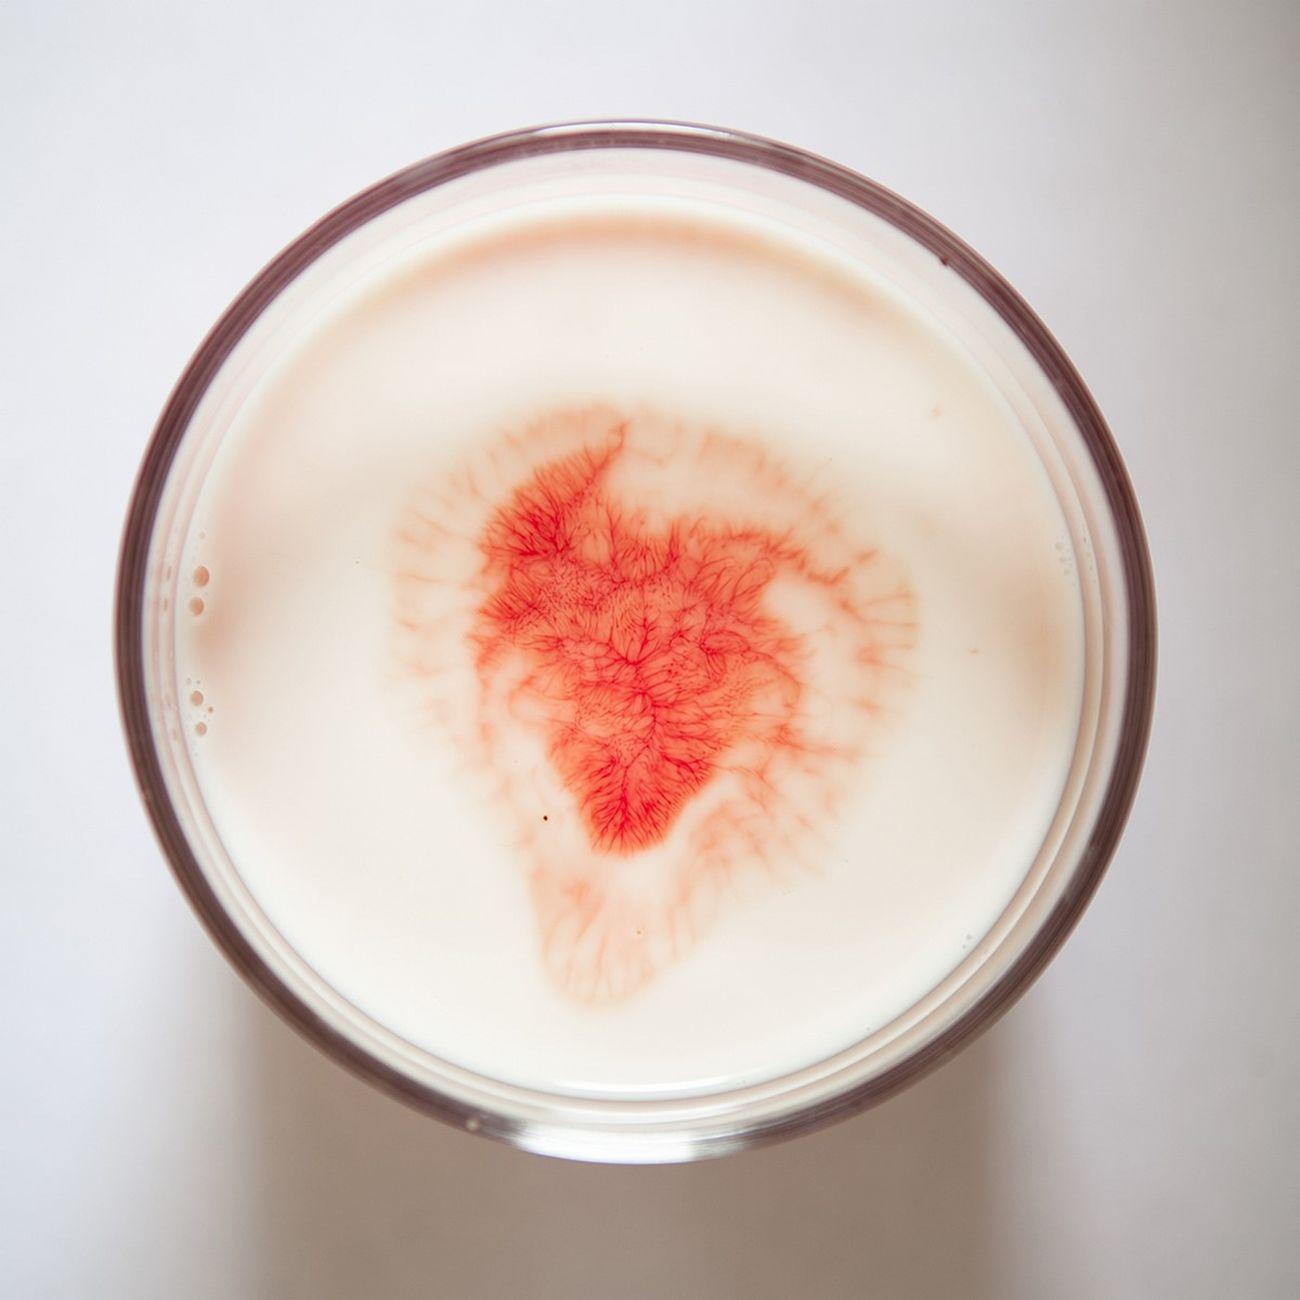 Silvia Bigi, Il sangue e il latte, 2017, dalla serie L'albero del latte